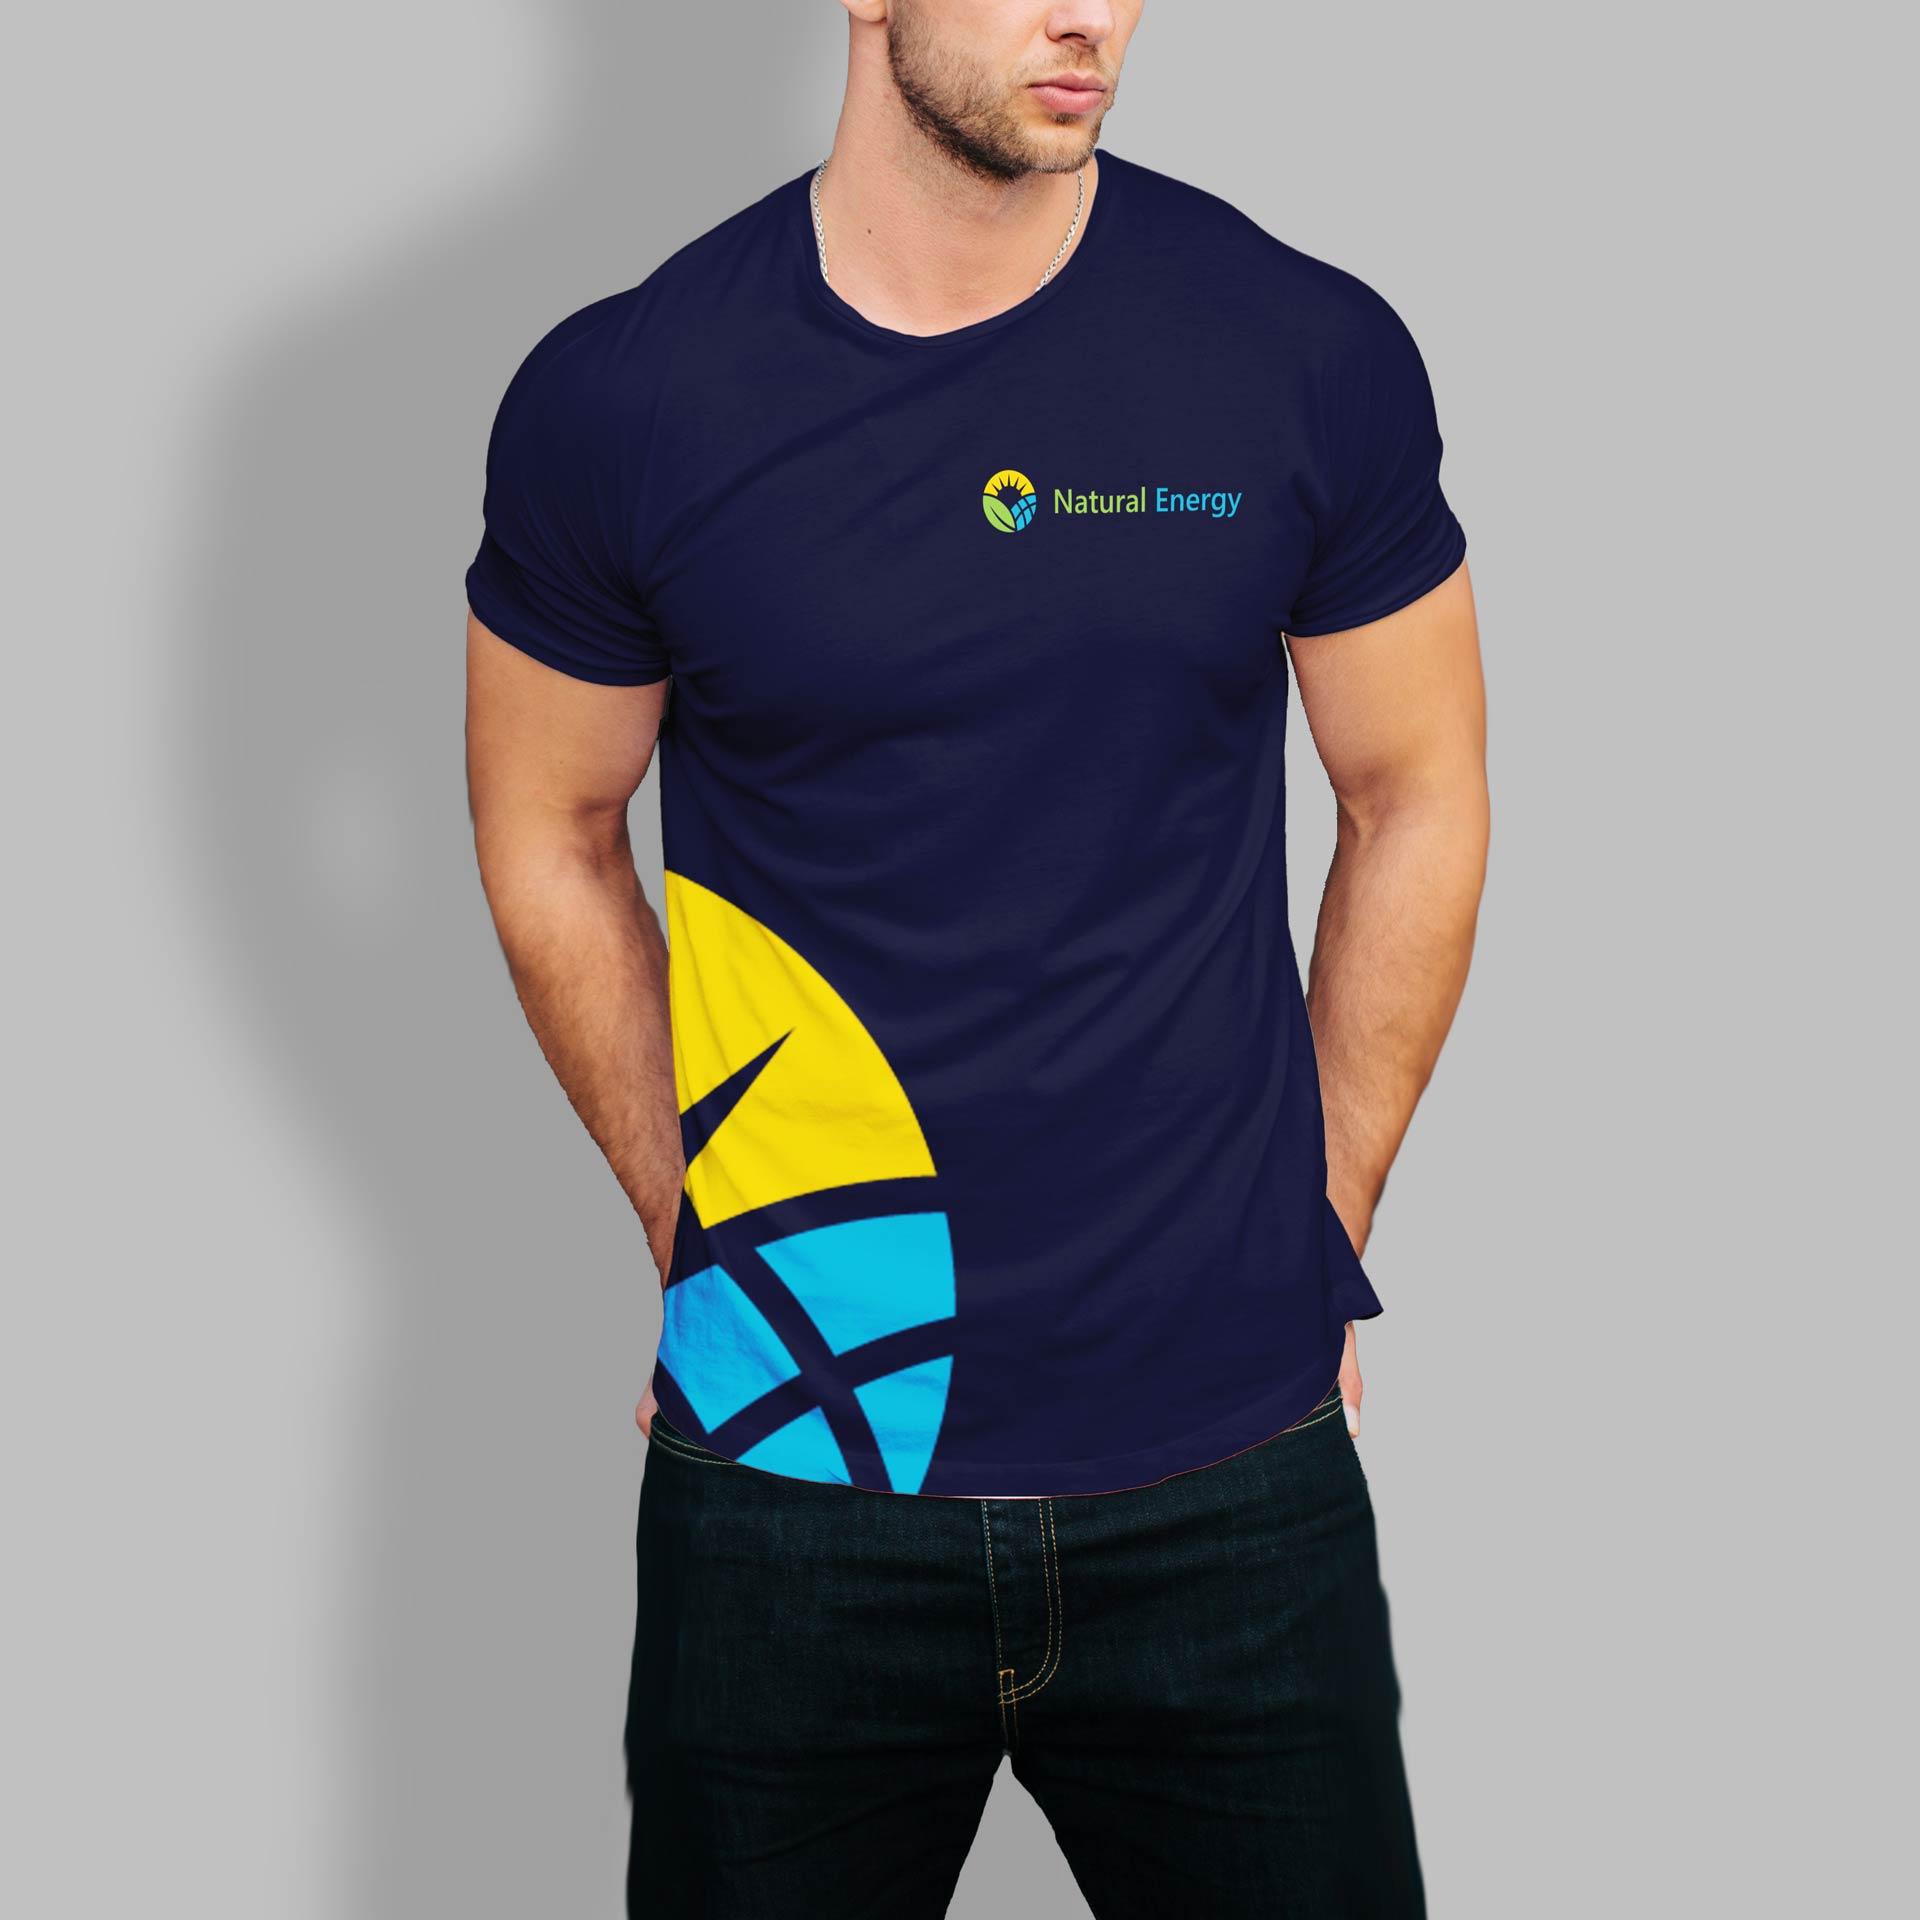 Projektowanie-graficzne-Natural-Energy-Odzież-firmowa-2